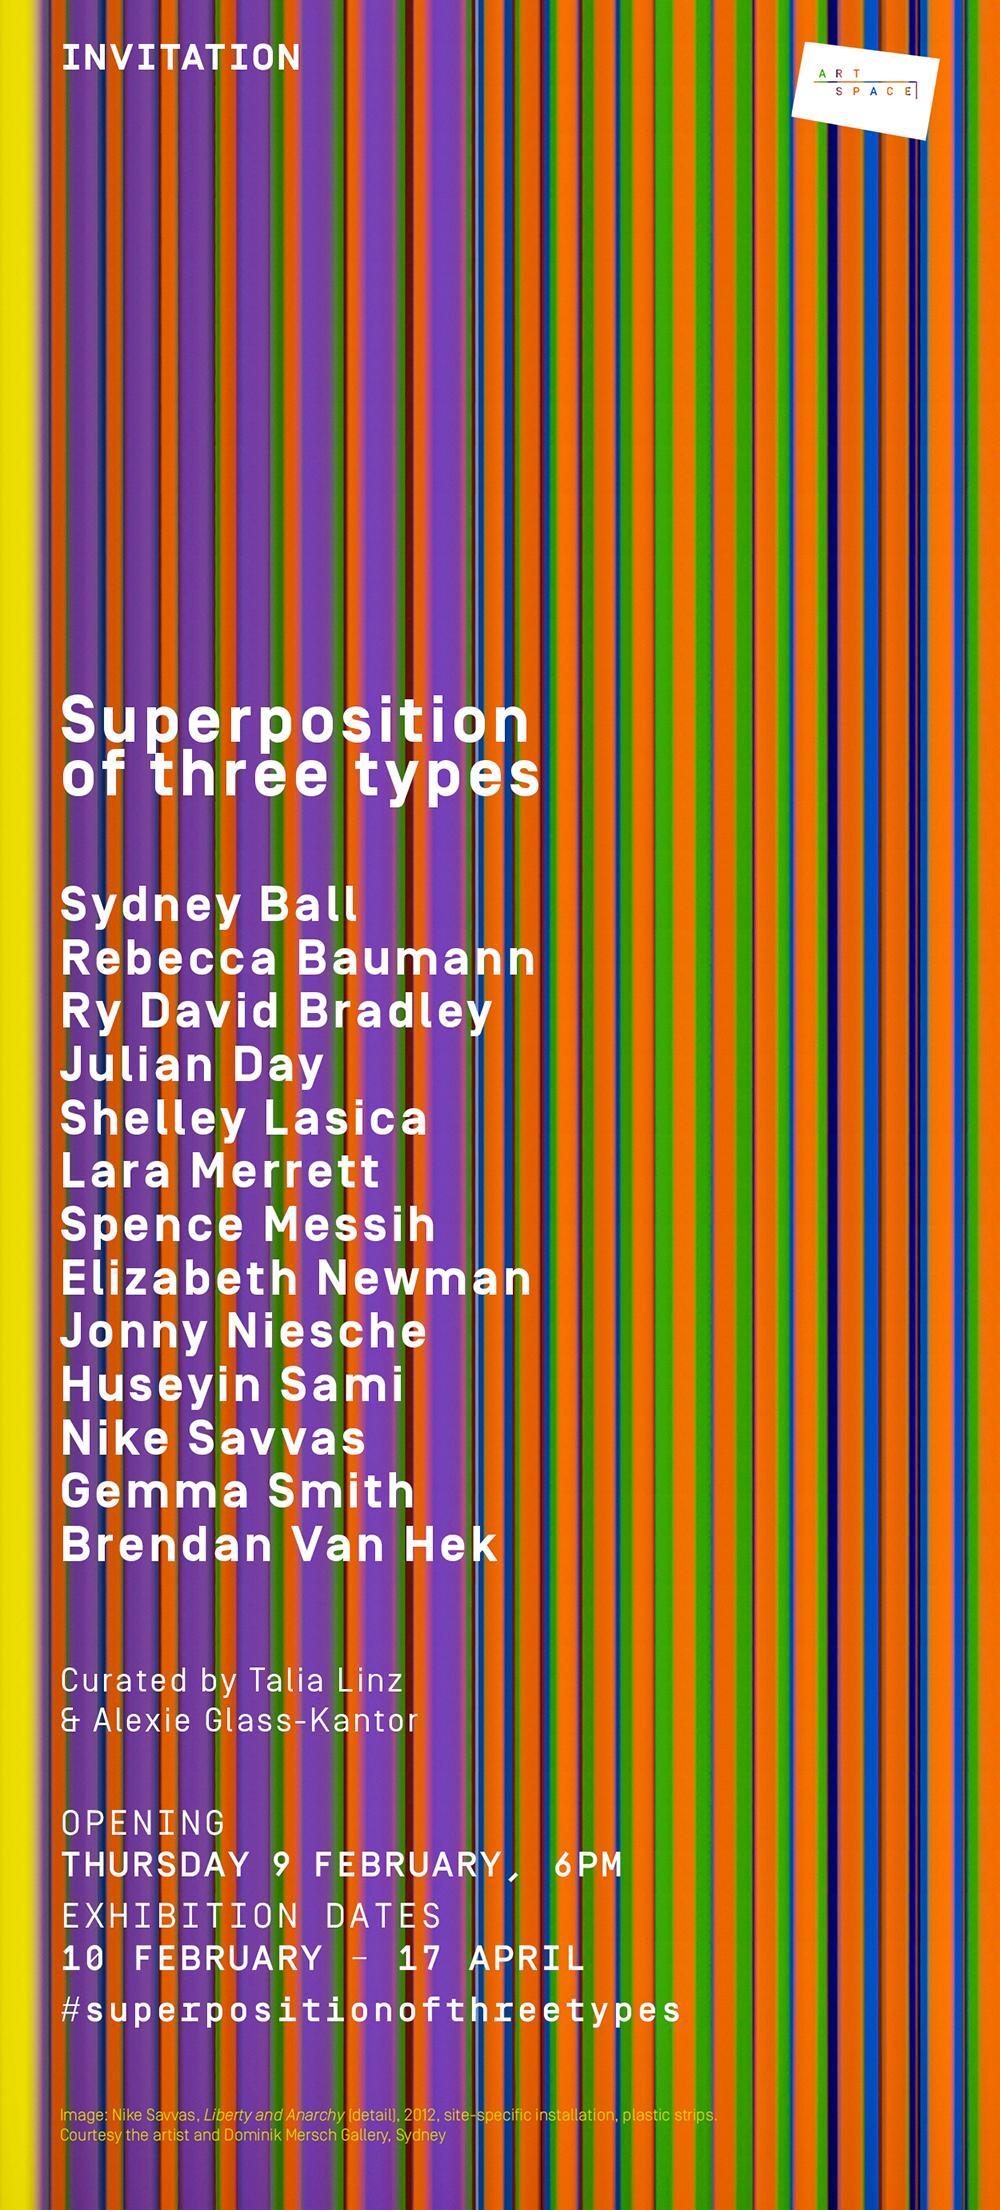 SuperpositionV3_1000.jpg